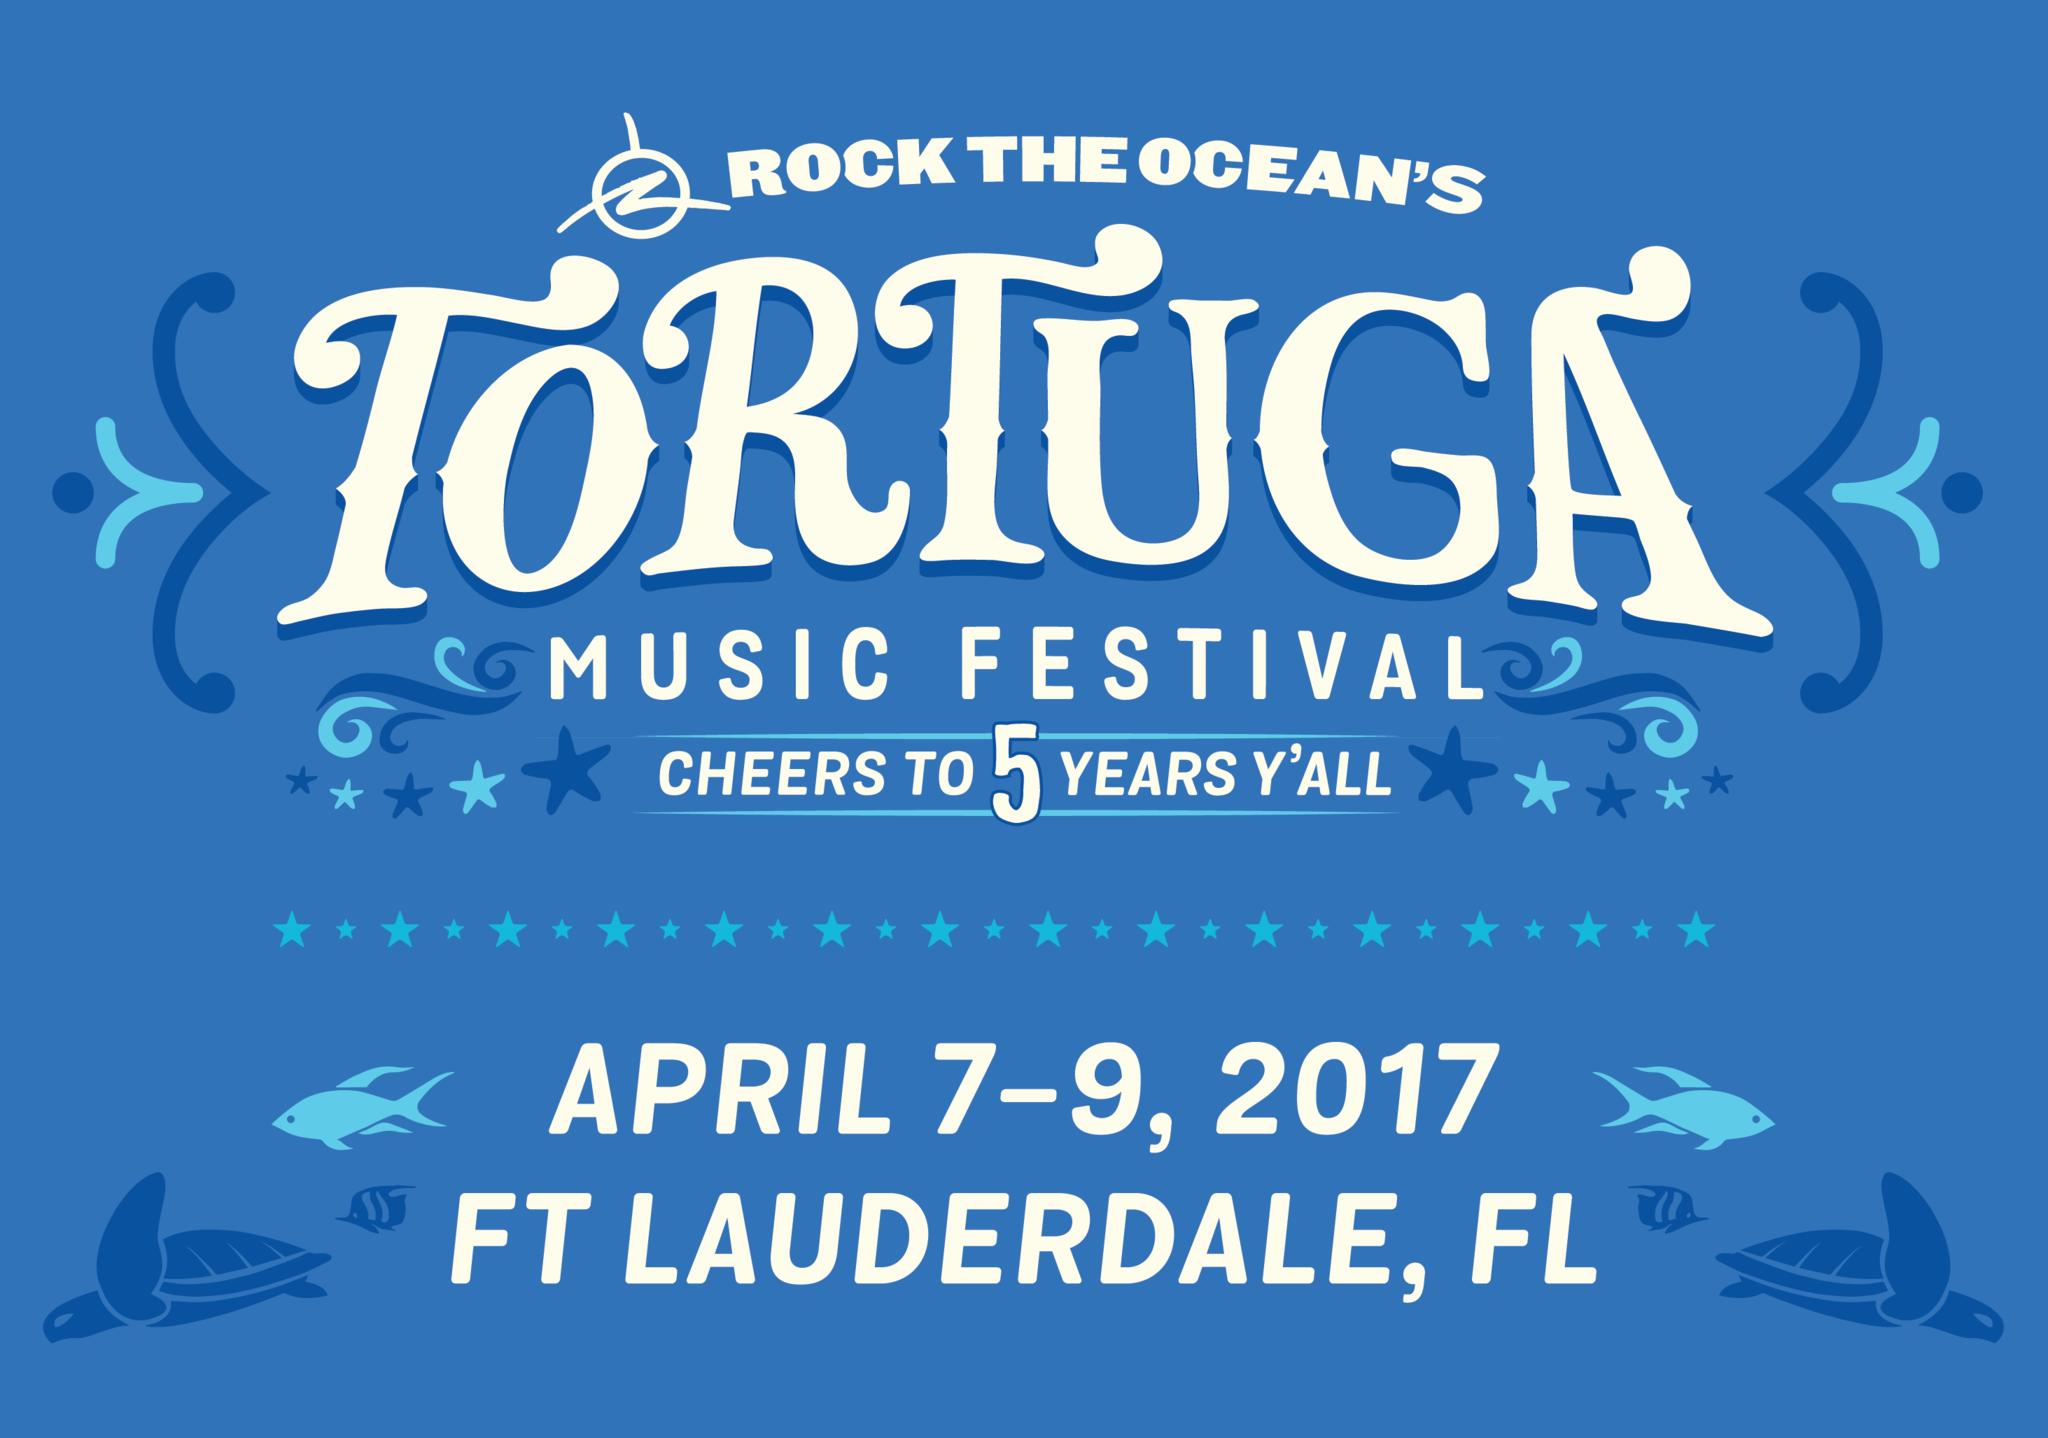 tortuga music festival | Country music festival | music festival 2017 Flyer